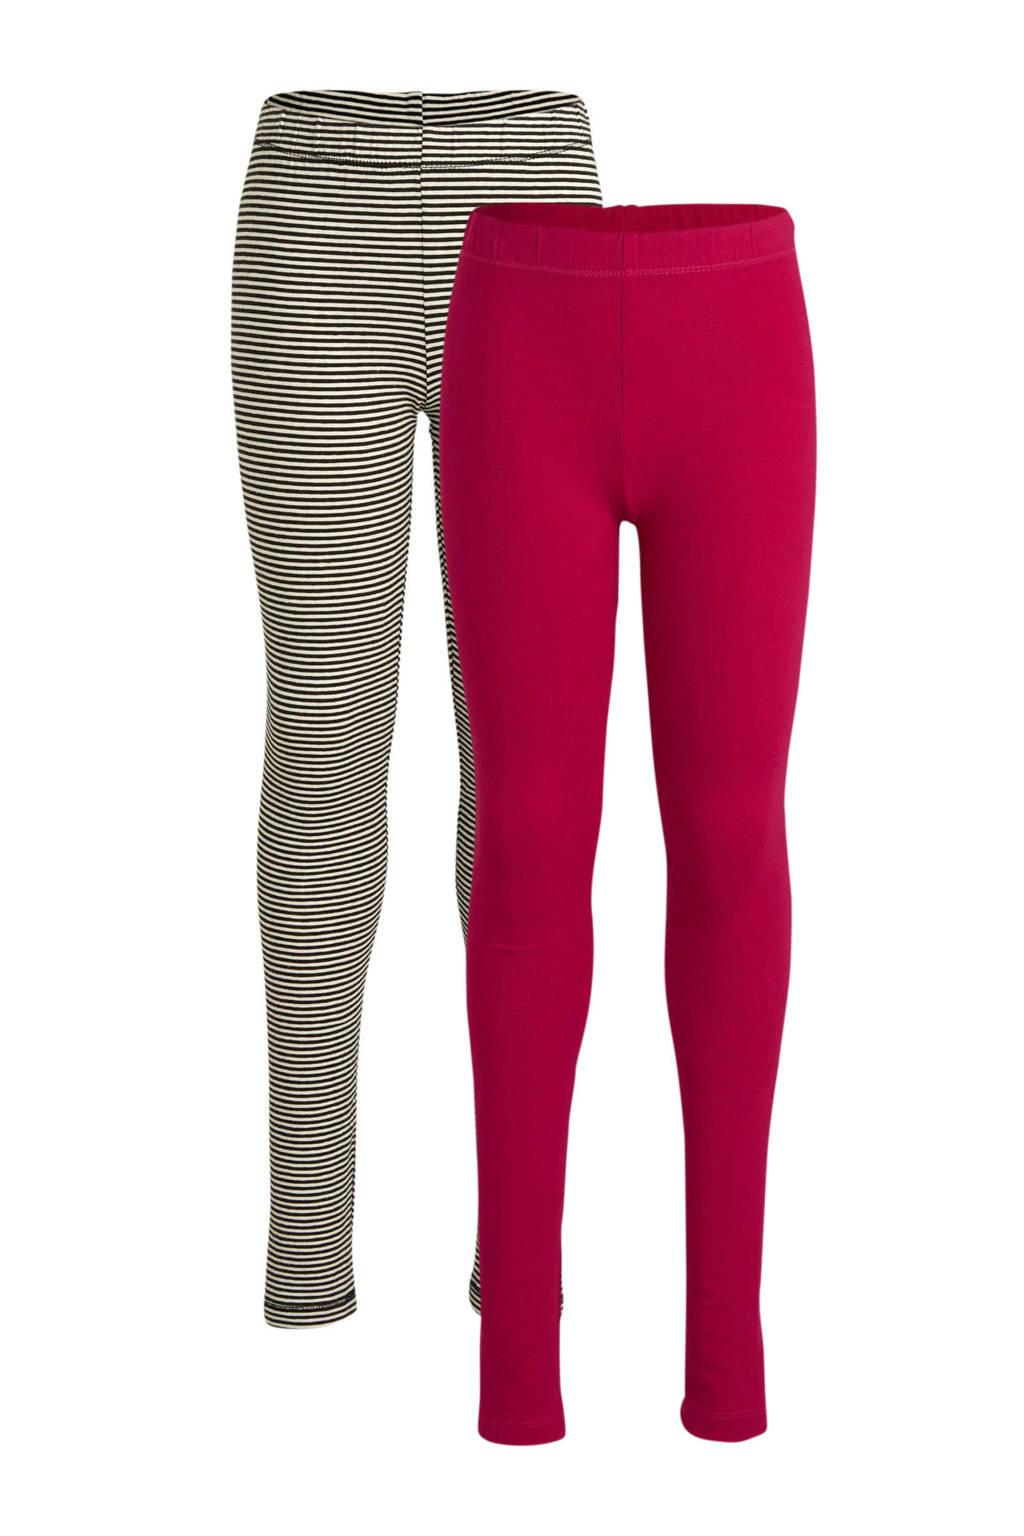 HEMA leggings roze/wit/zwart - set van 2, Roze/wit/zwart